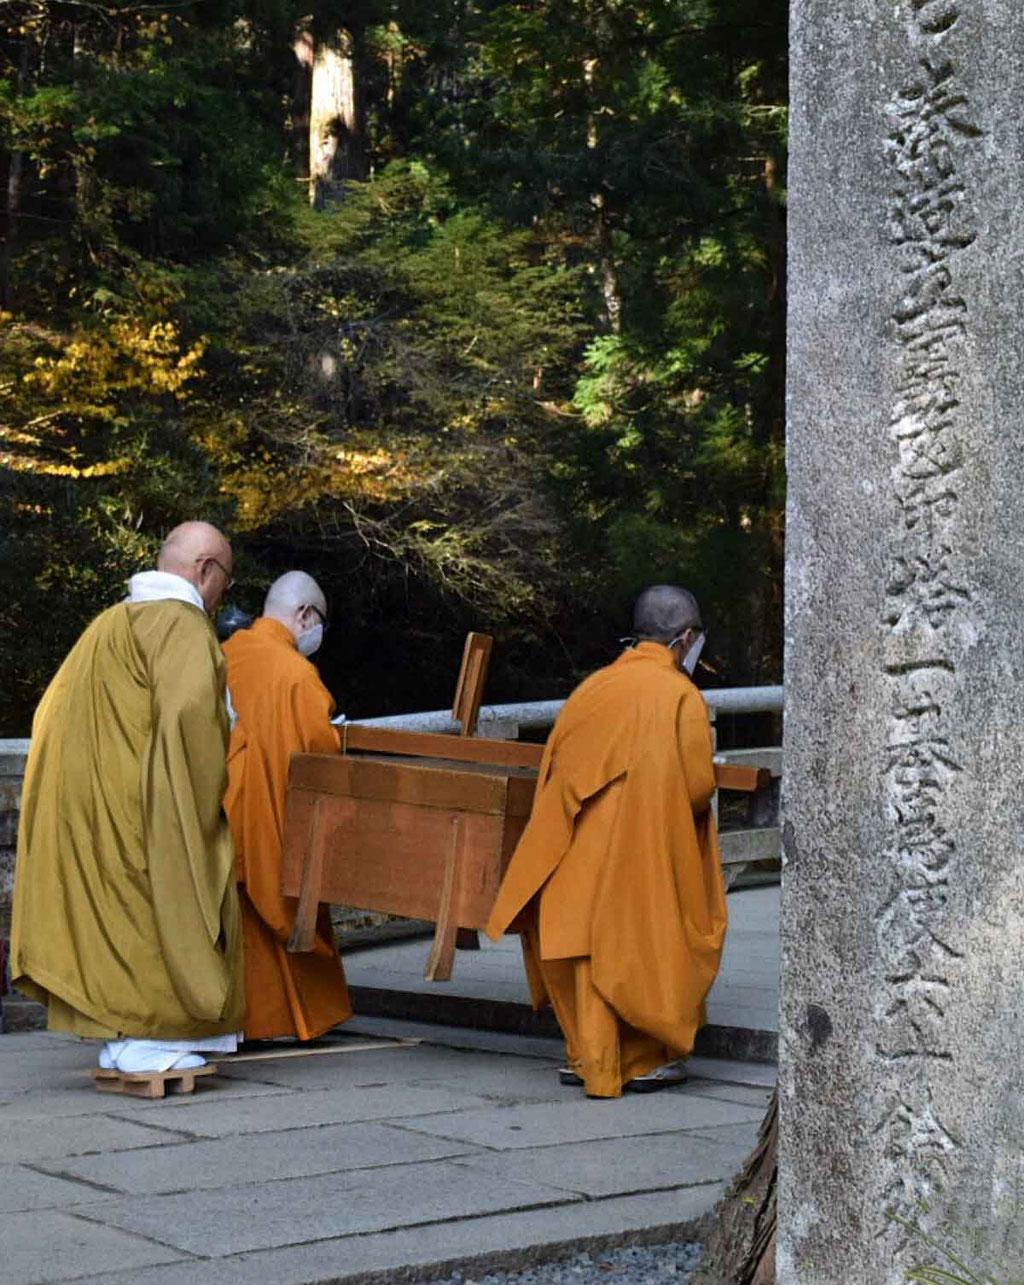 Koyasan Mönche mit der Opfergabe am Friedhof Okunoin